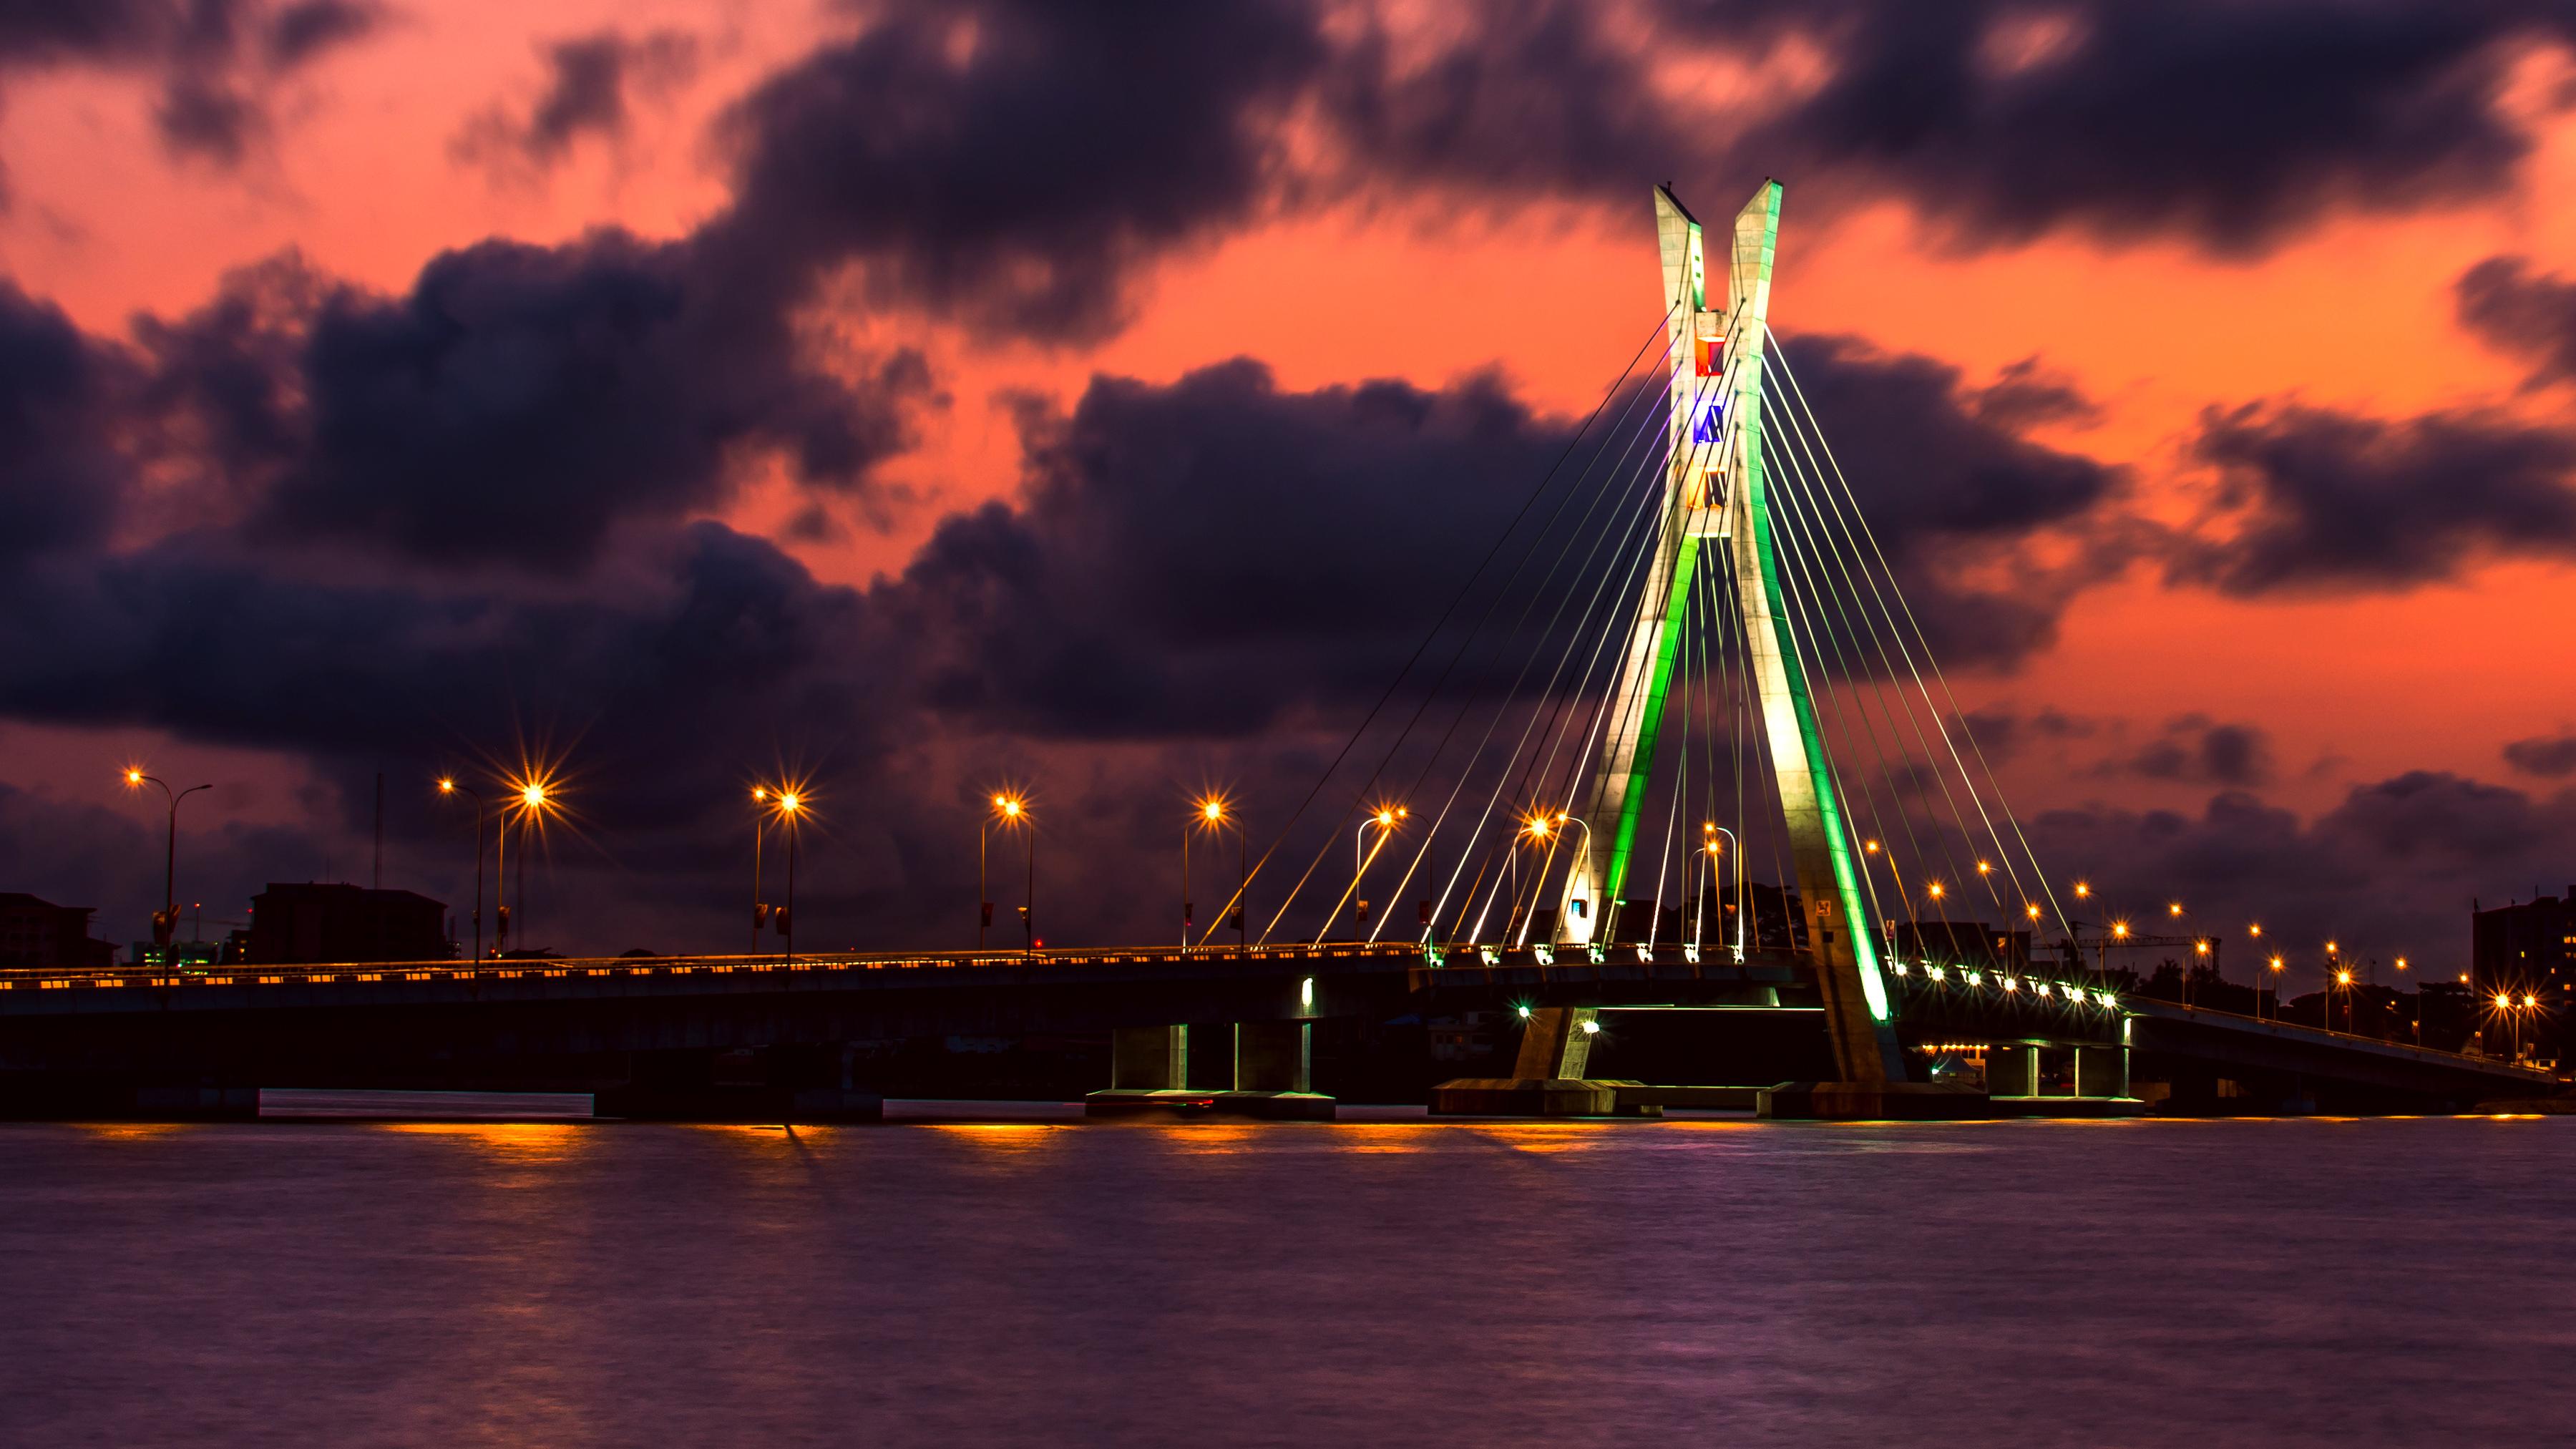 Photo of a bridge - Lagos, Nigeria